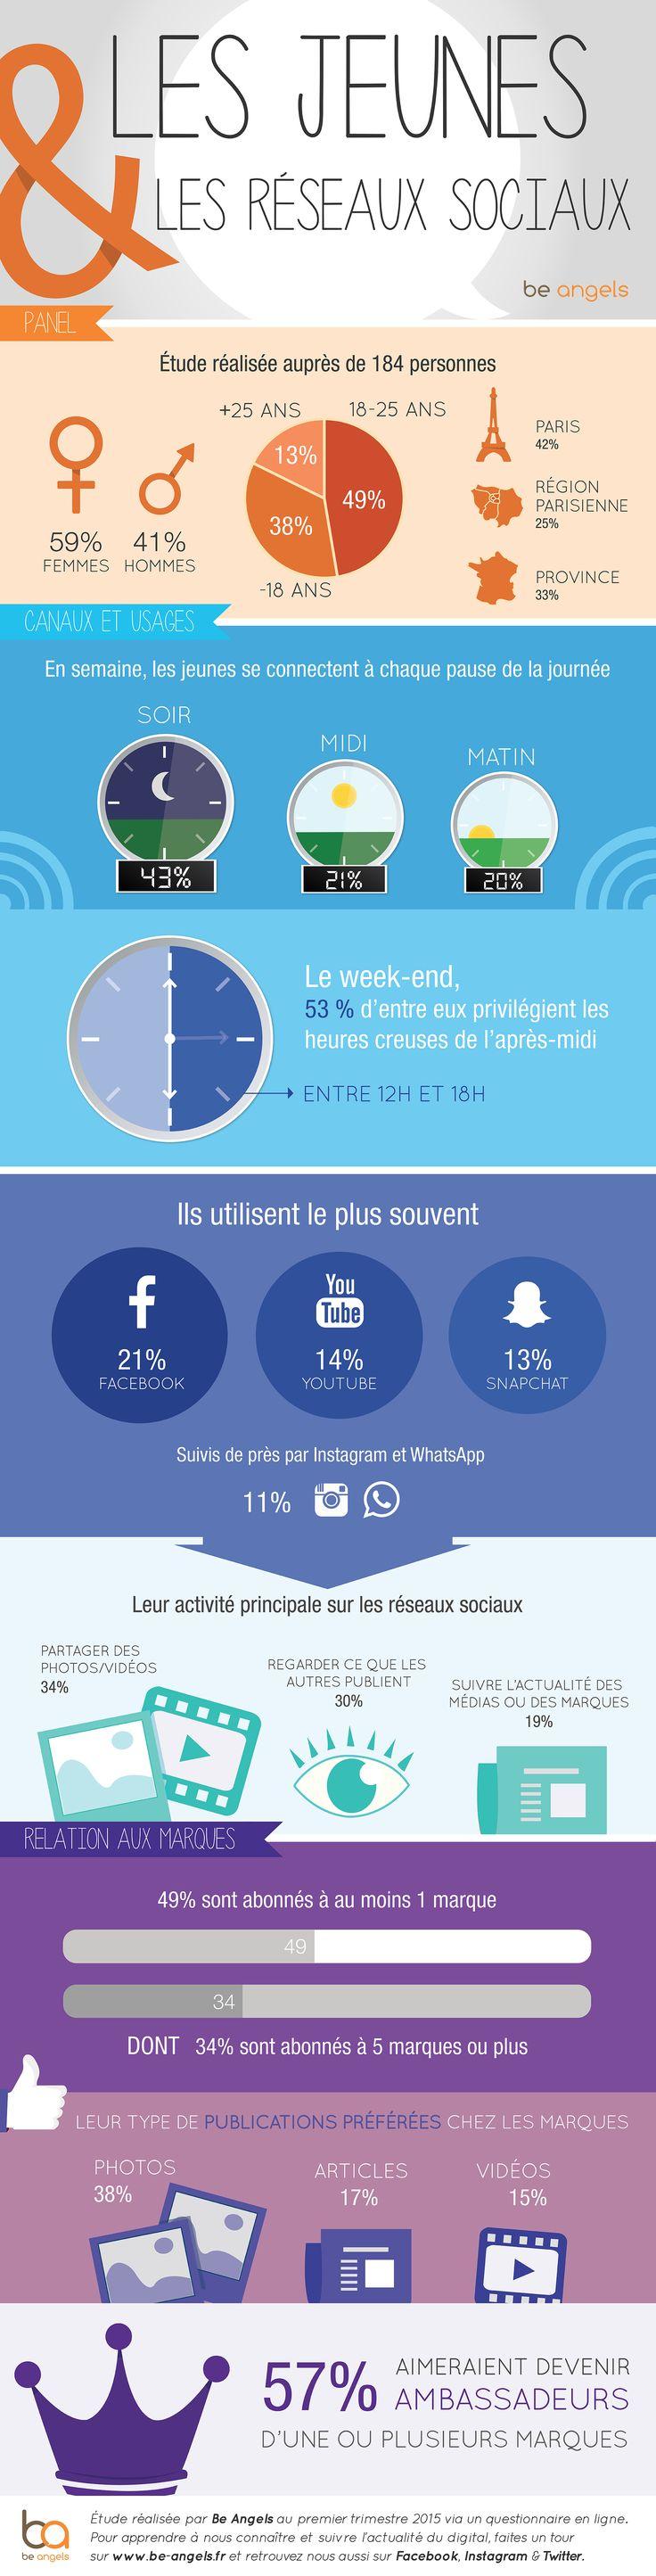 Infographie: les-jeunes-et-les-reseaux-sociaux